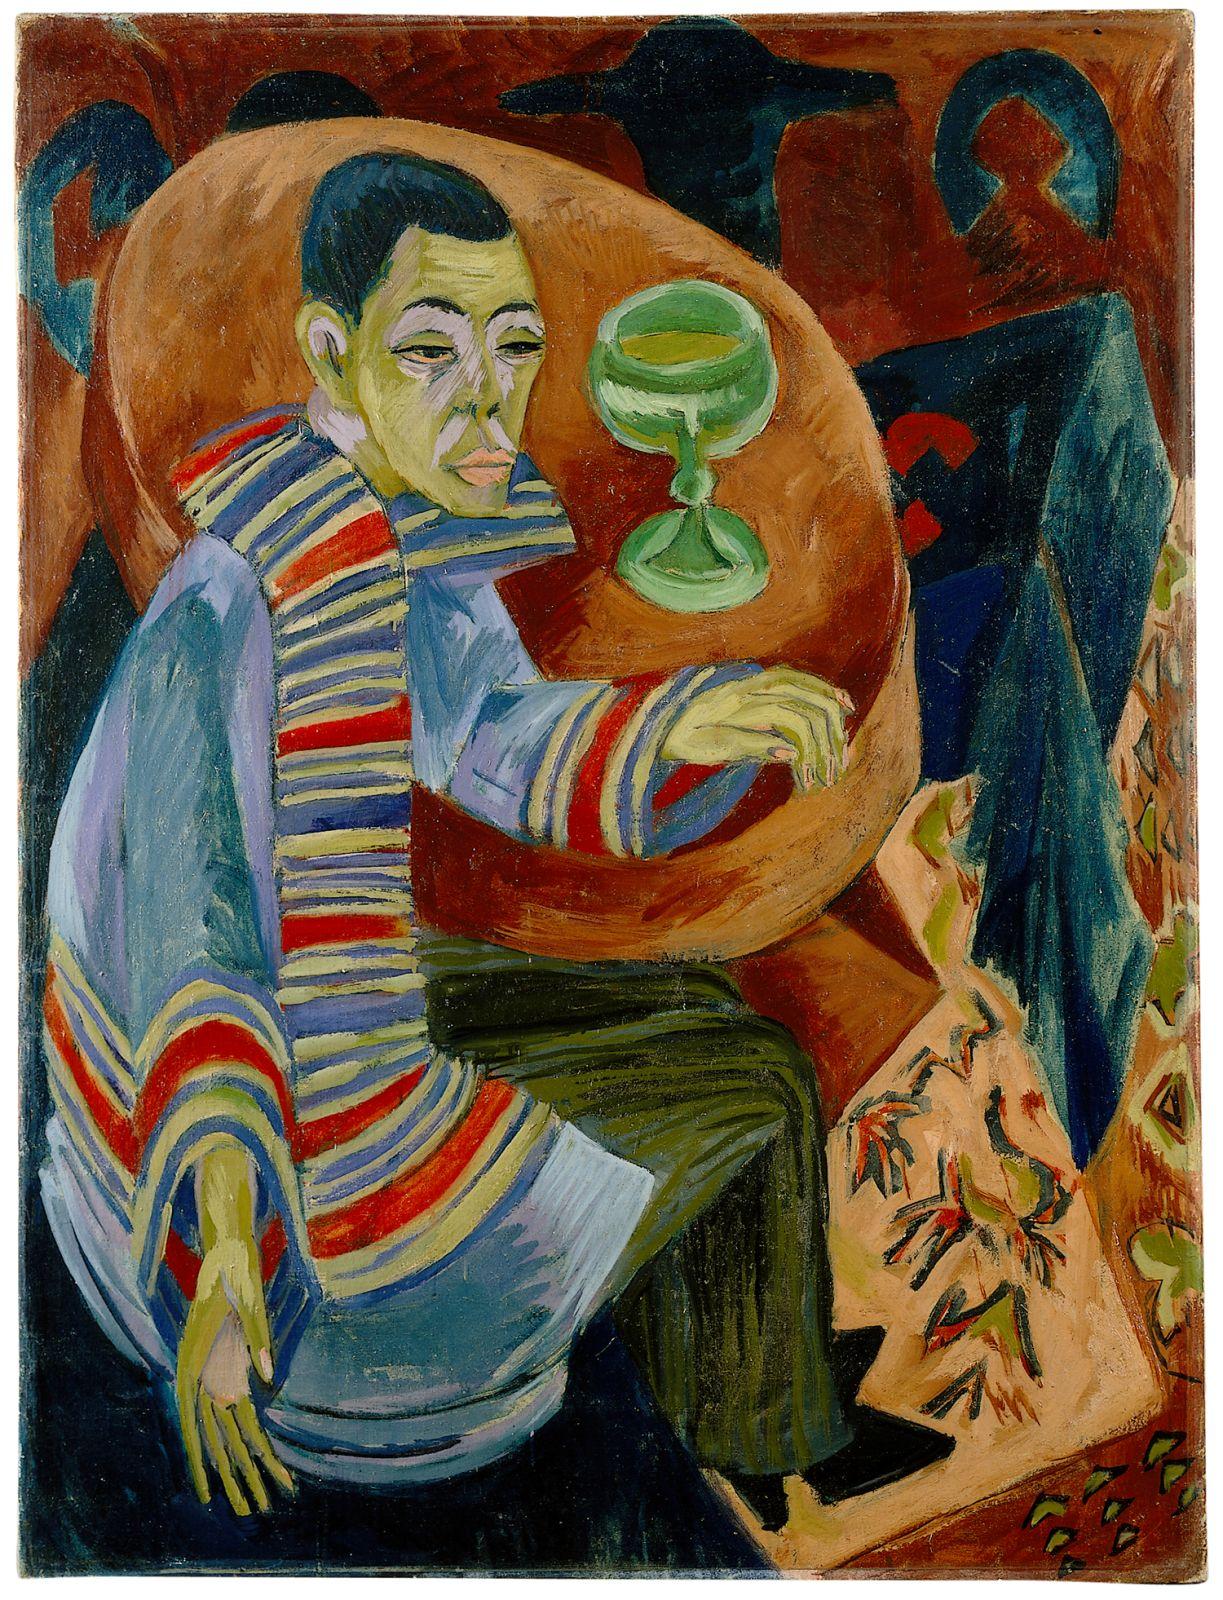 Ernst Ludwig Kirchner porträtierte sich selbst als Absinthtrinker.